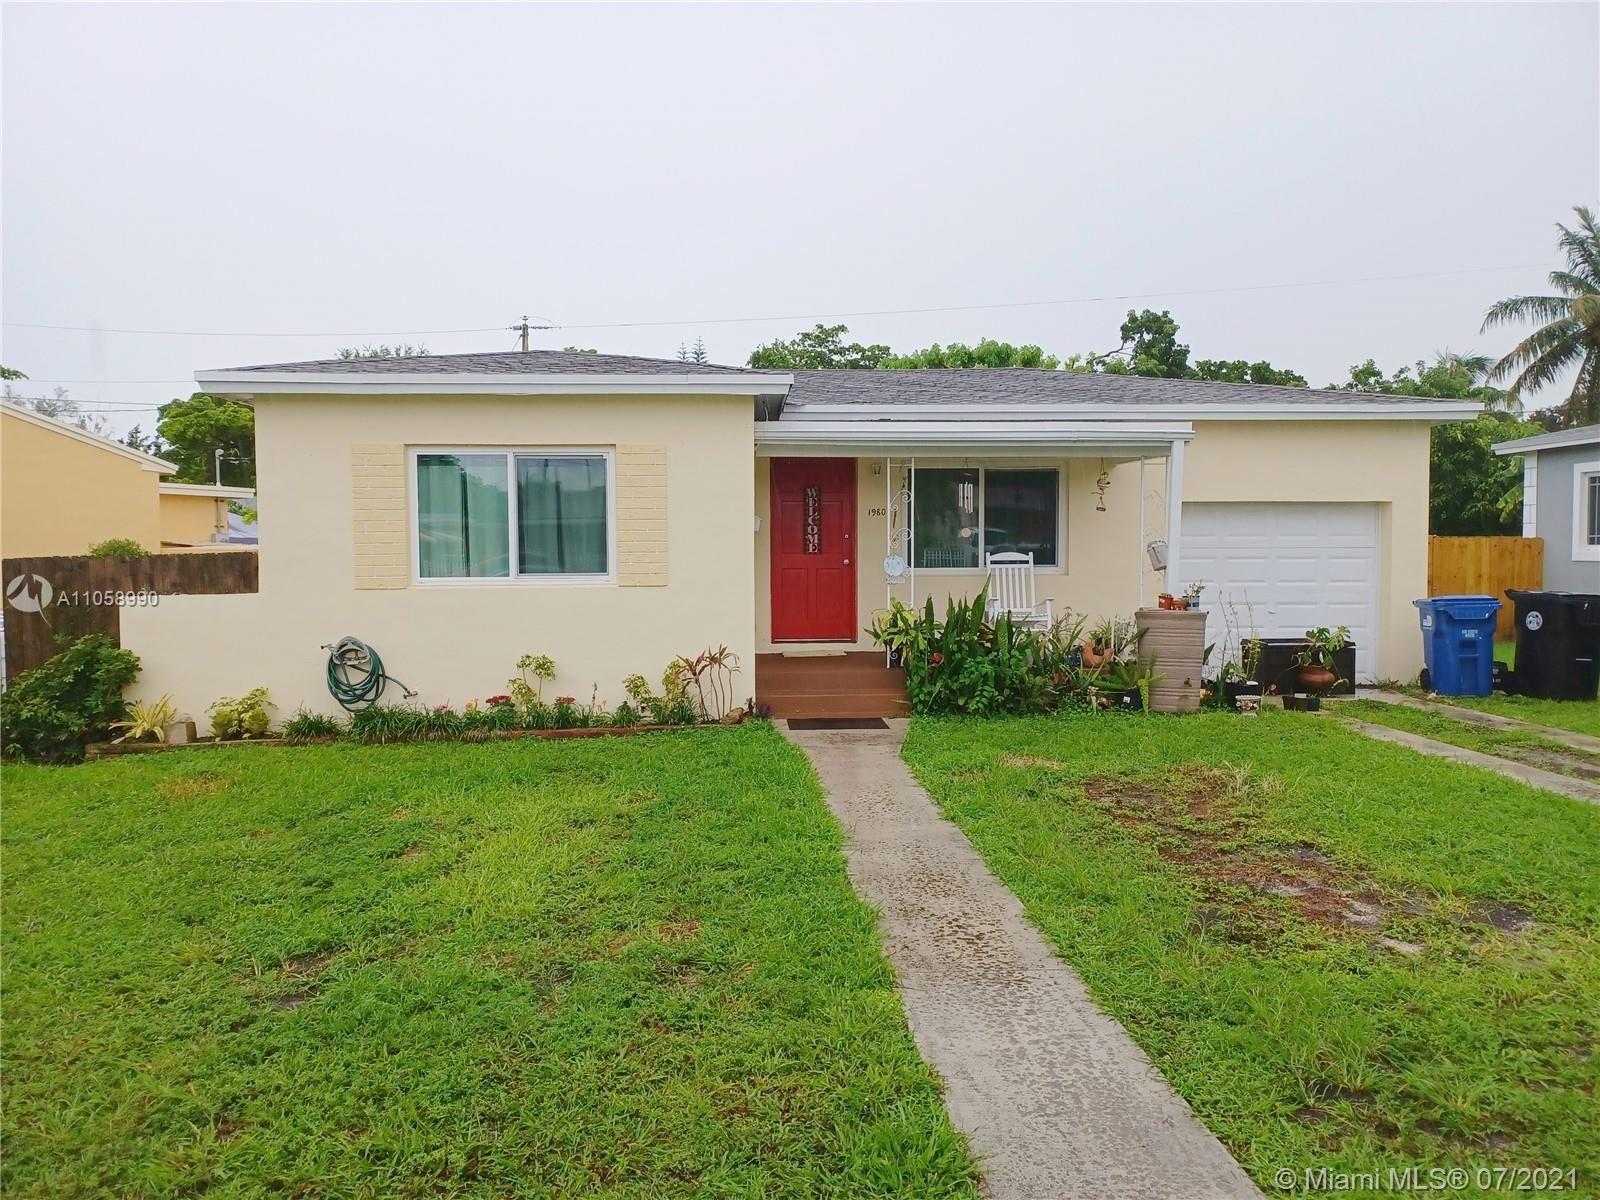 1980 NE 159th St, North Miami Beach, FL 33162 - #: A11058990